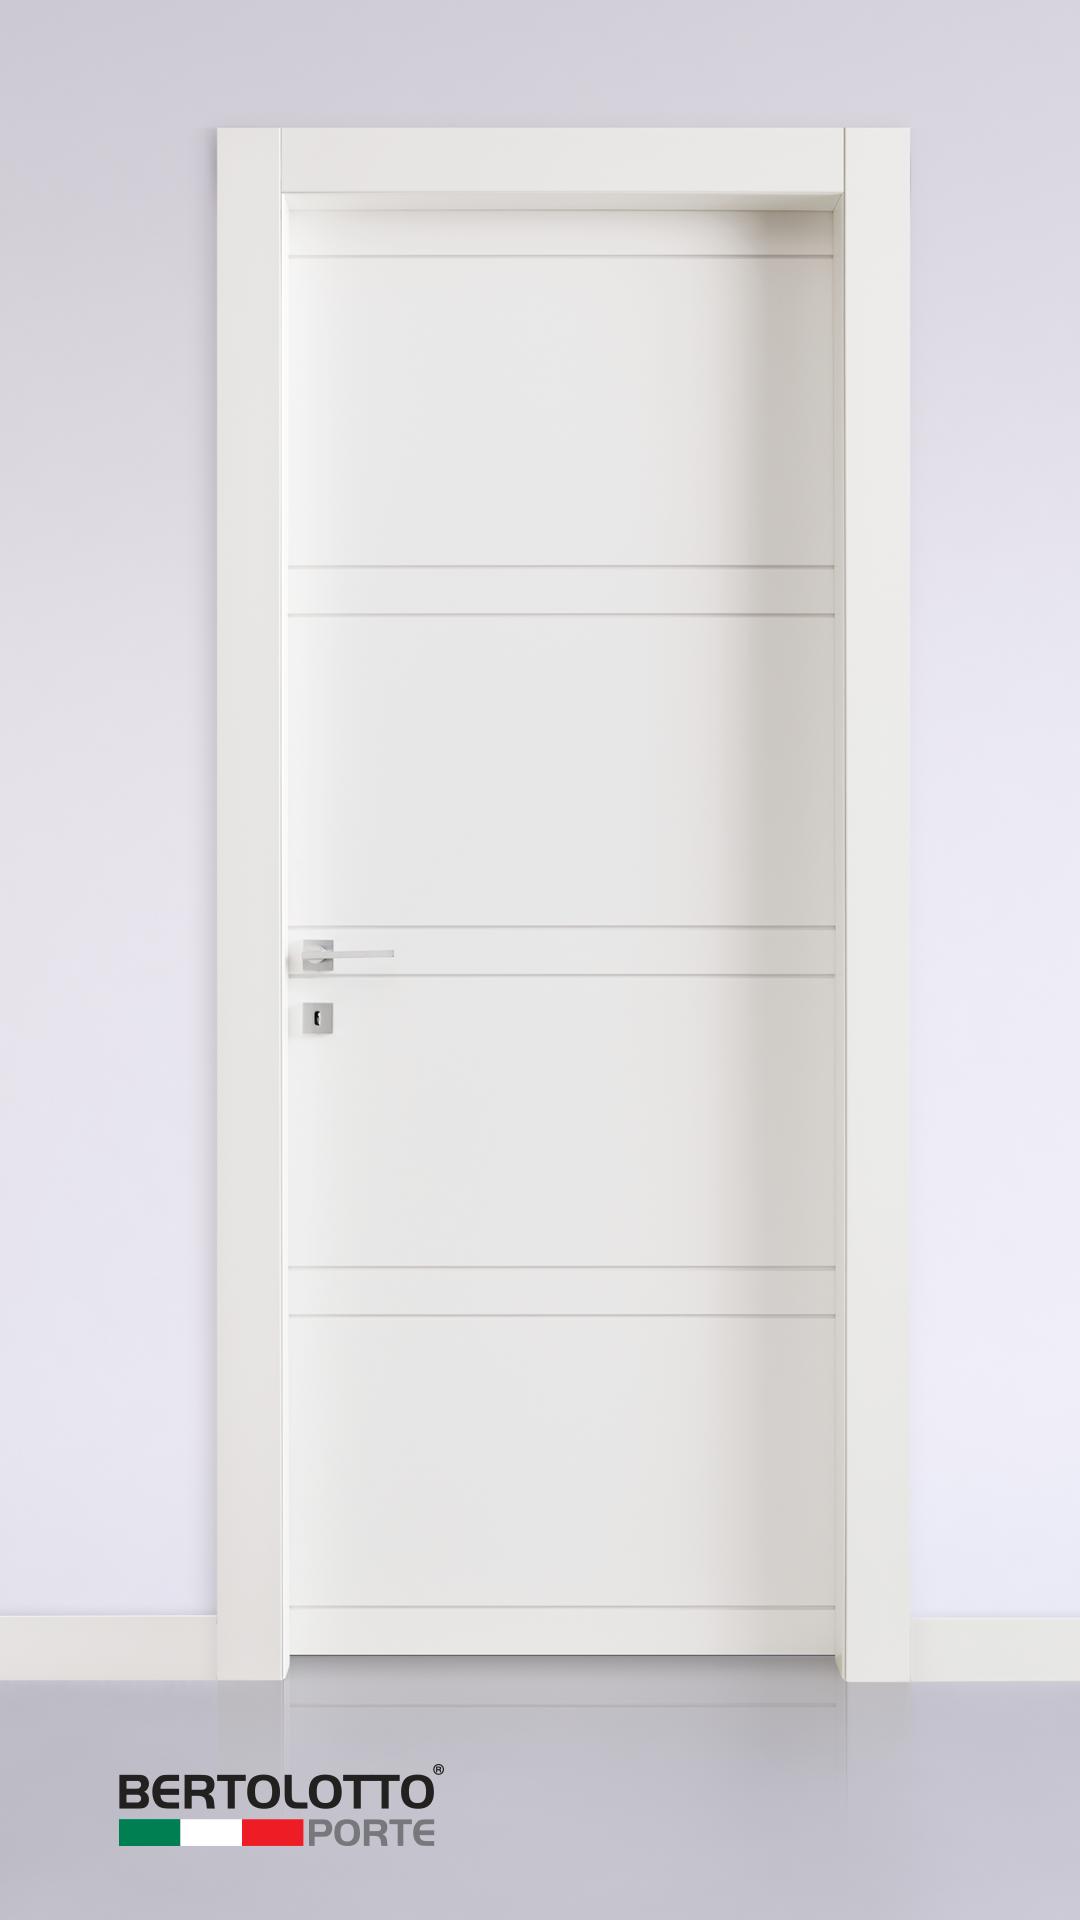 Porta A Soffietto Bianca pin di serife su kapı modelleri nel 2020 (con immagini